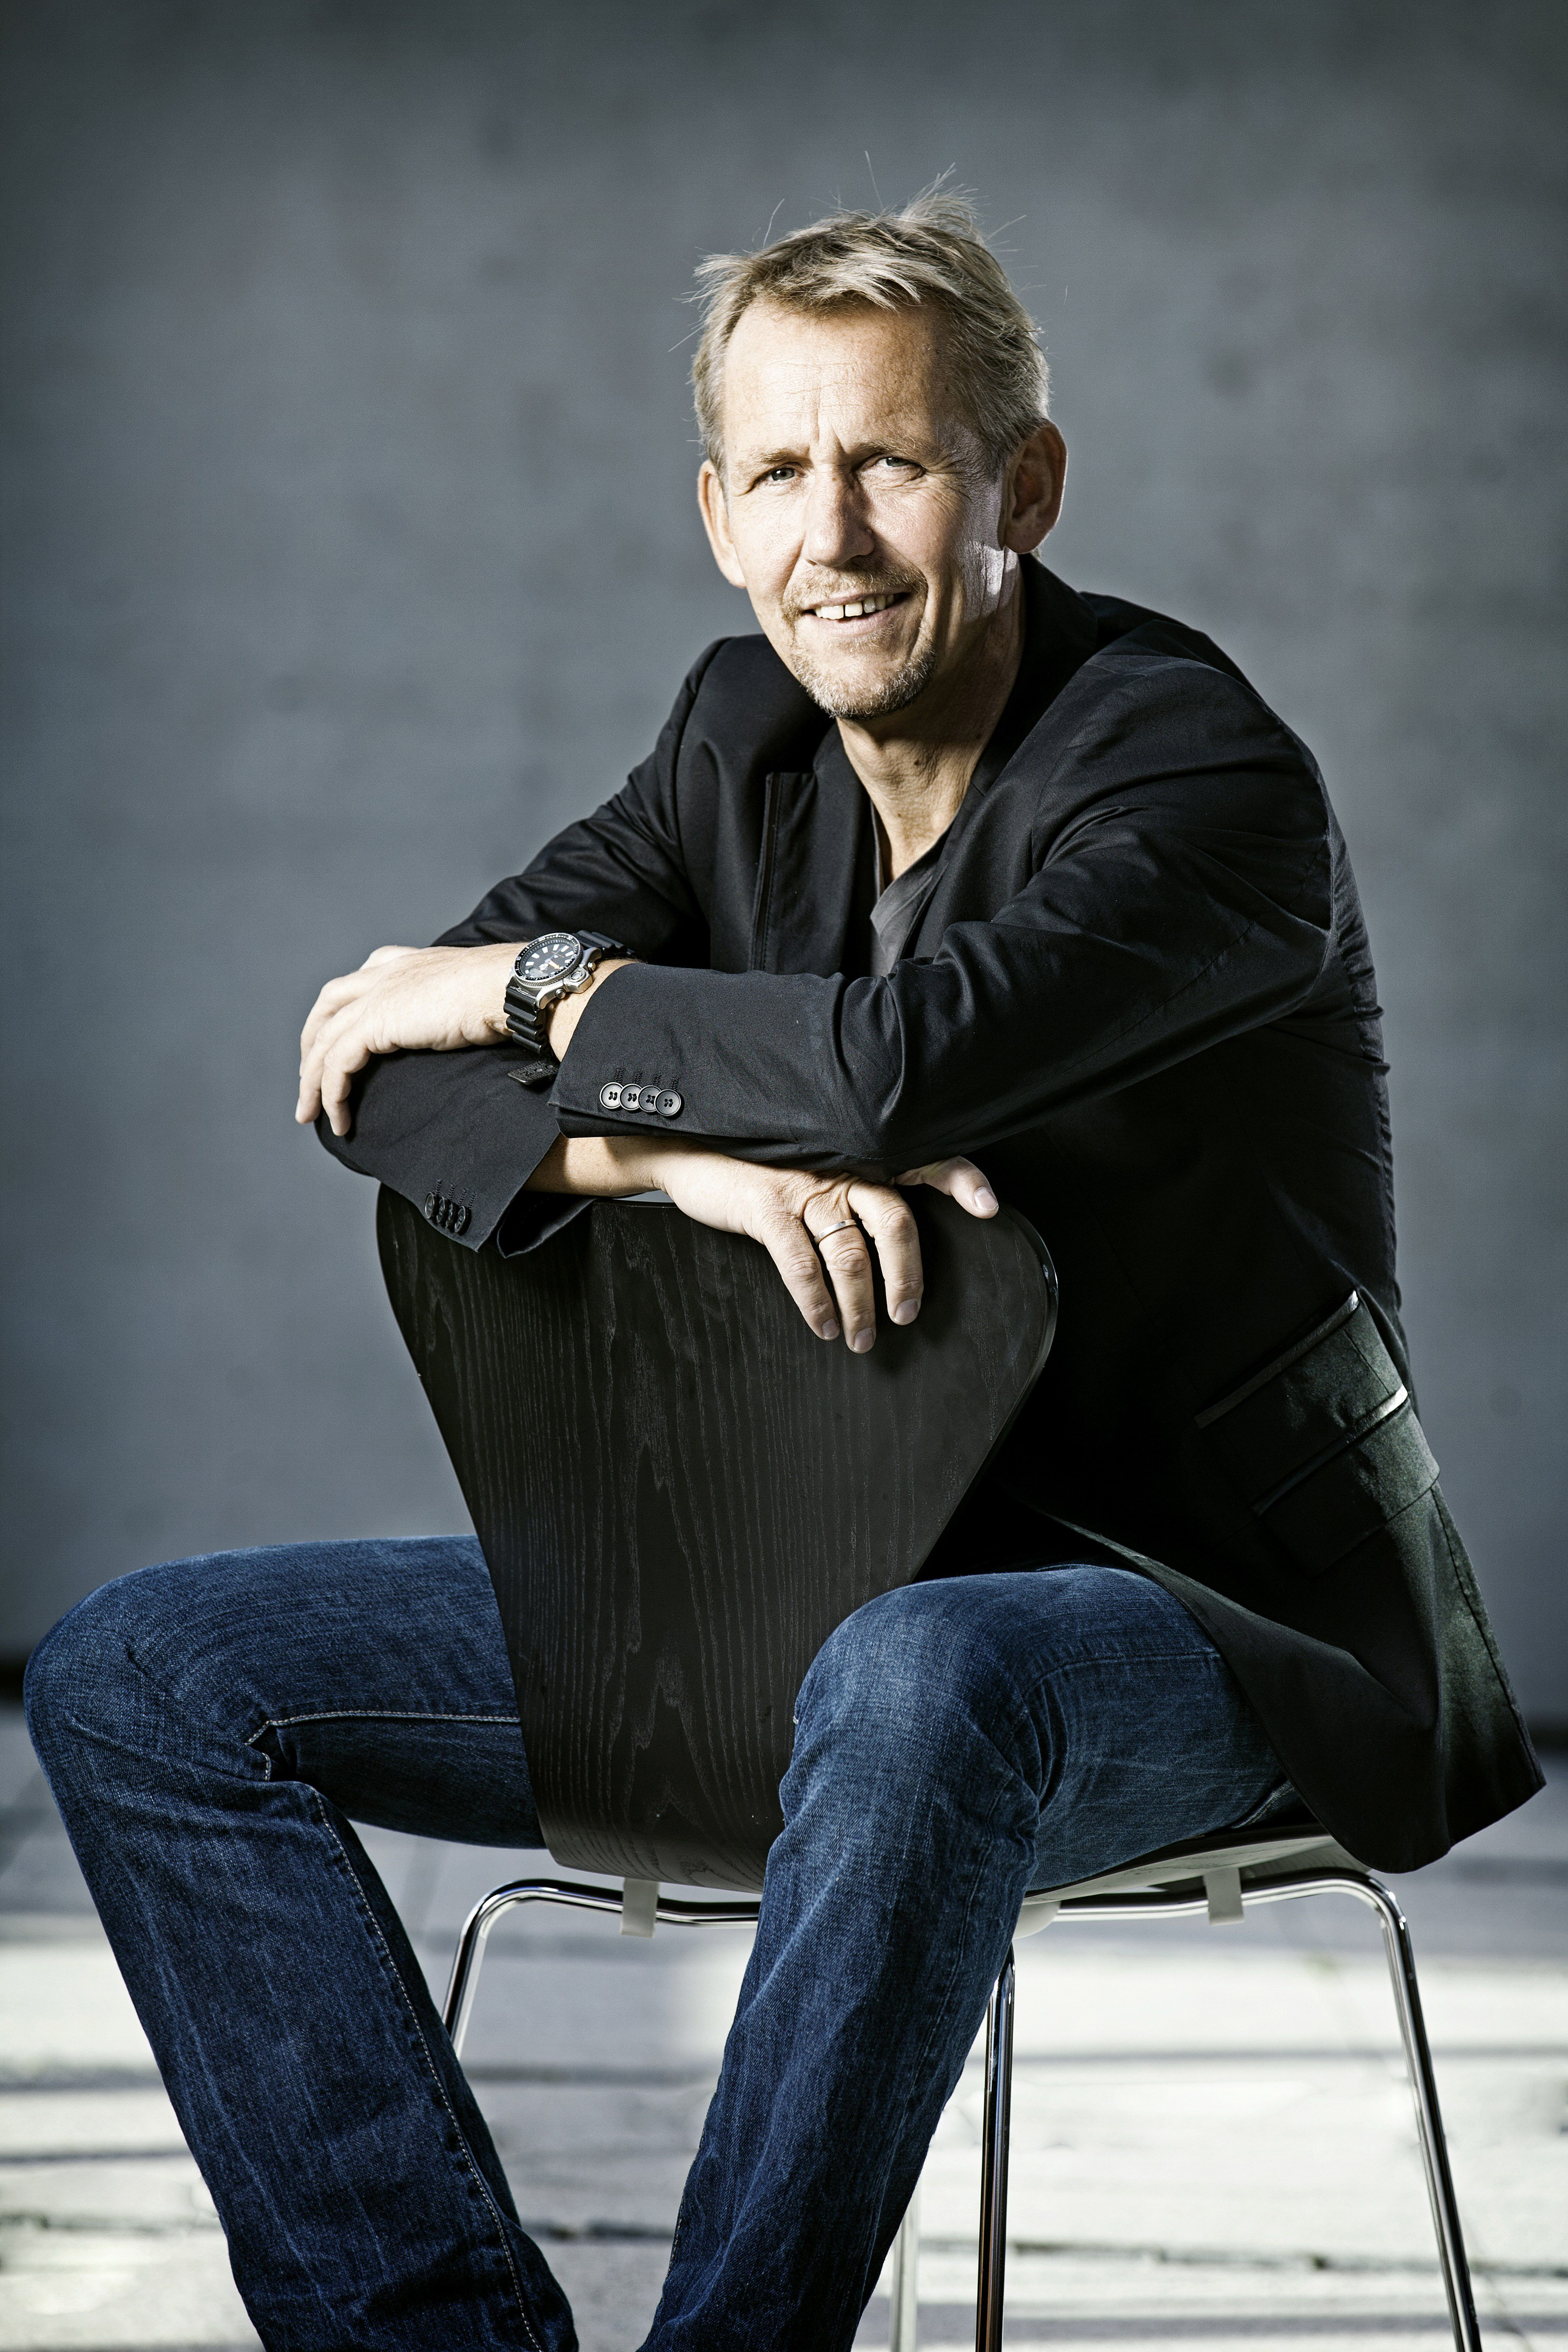 Alexander von Oettingen